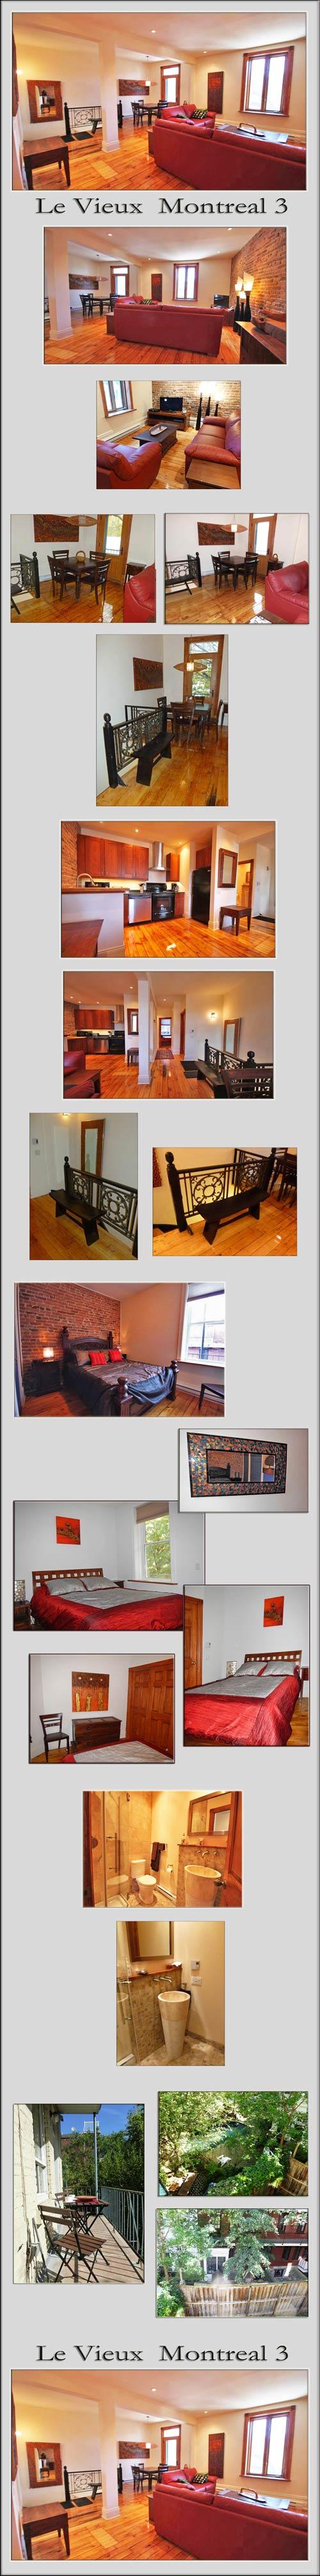 luxury condo Old Montreal